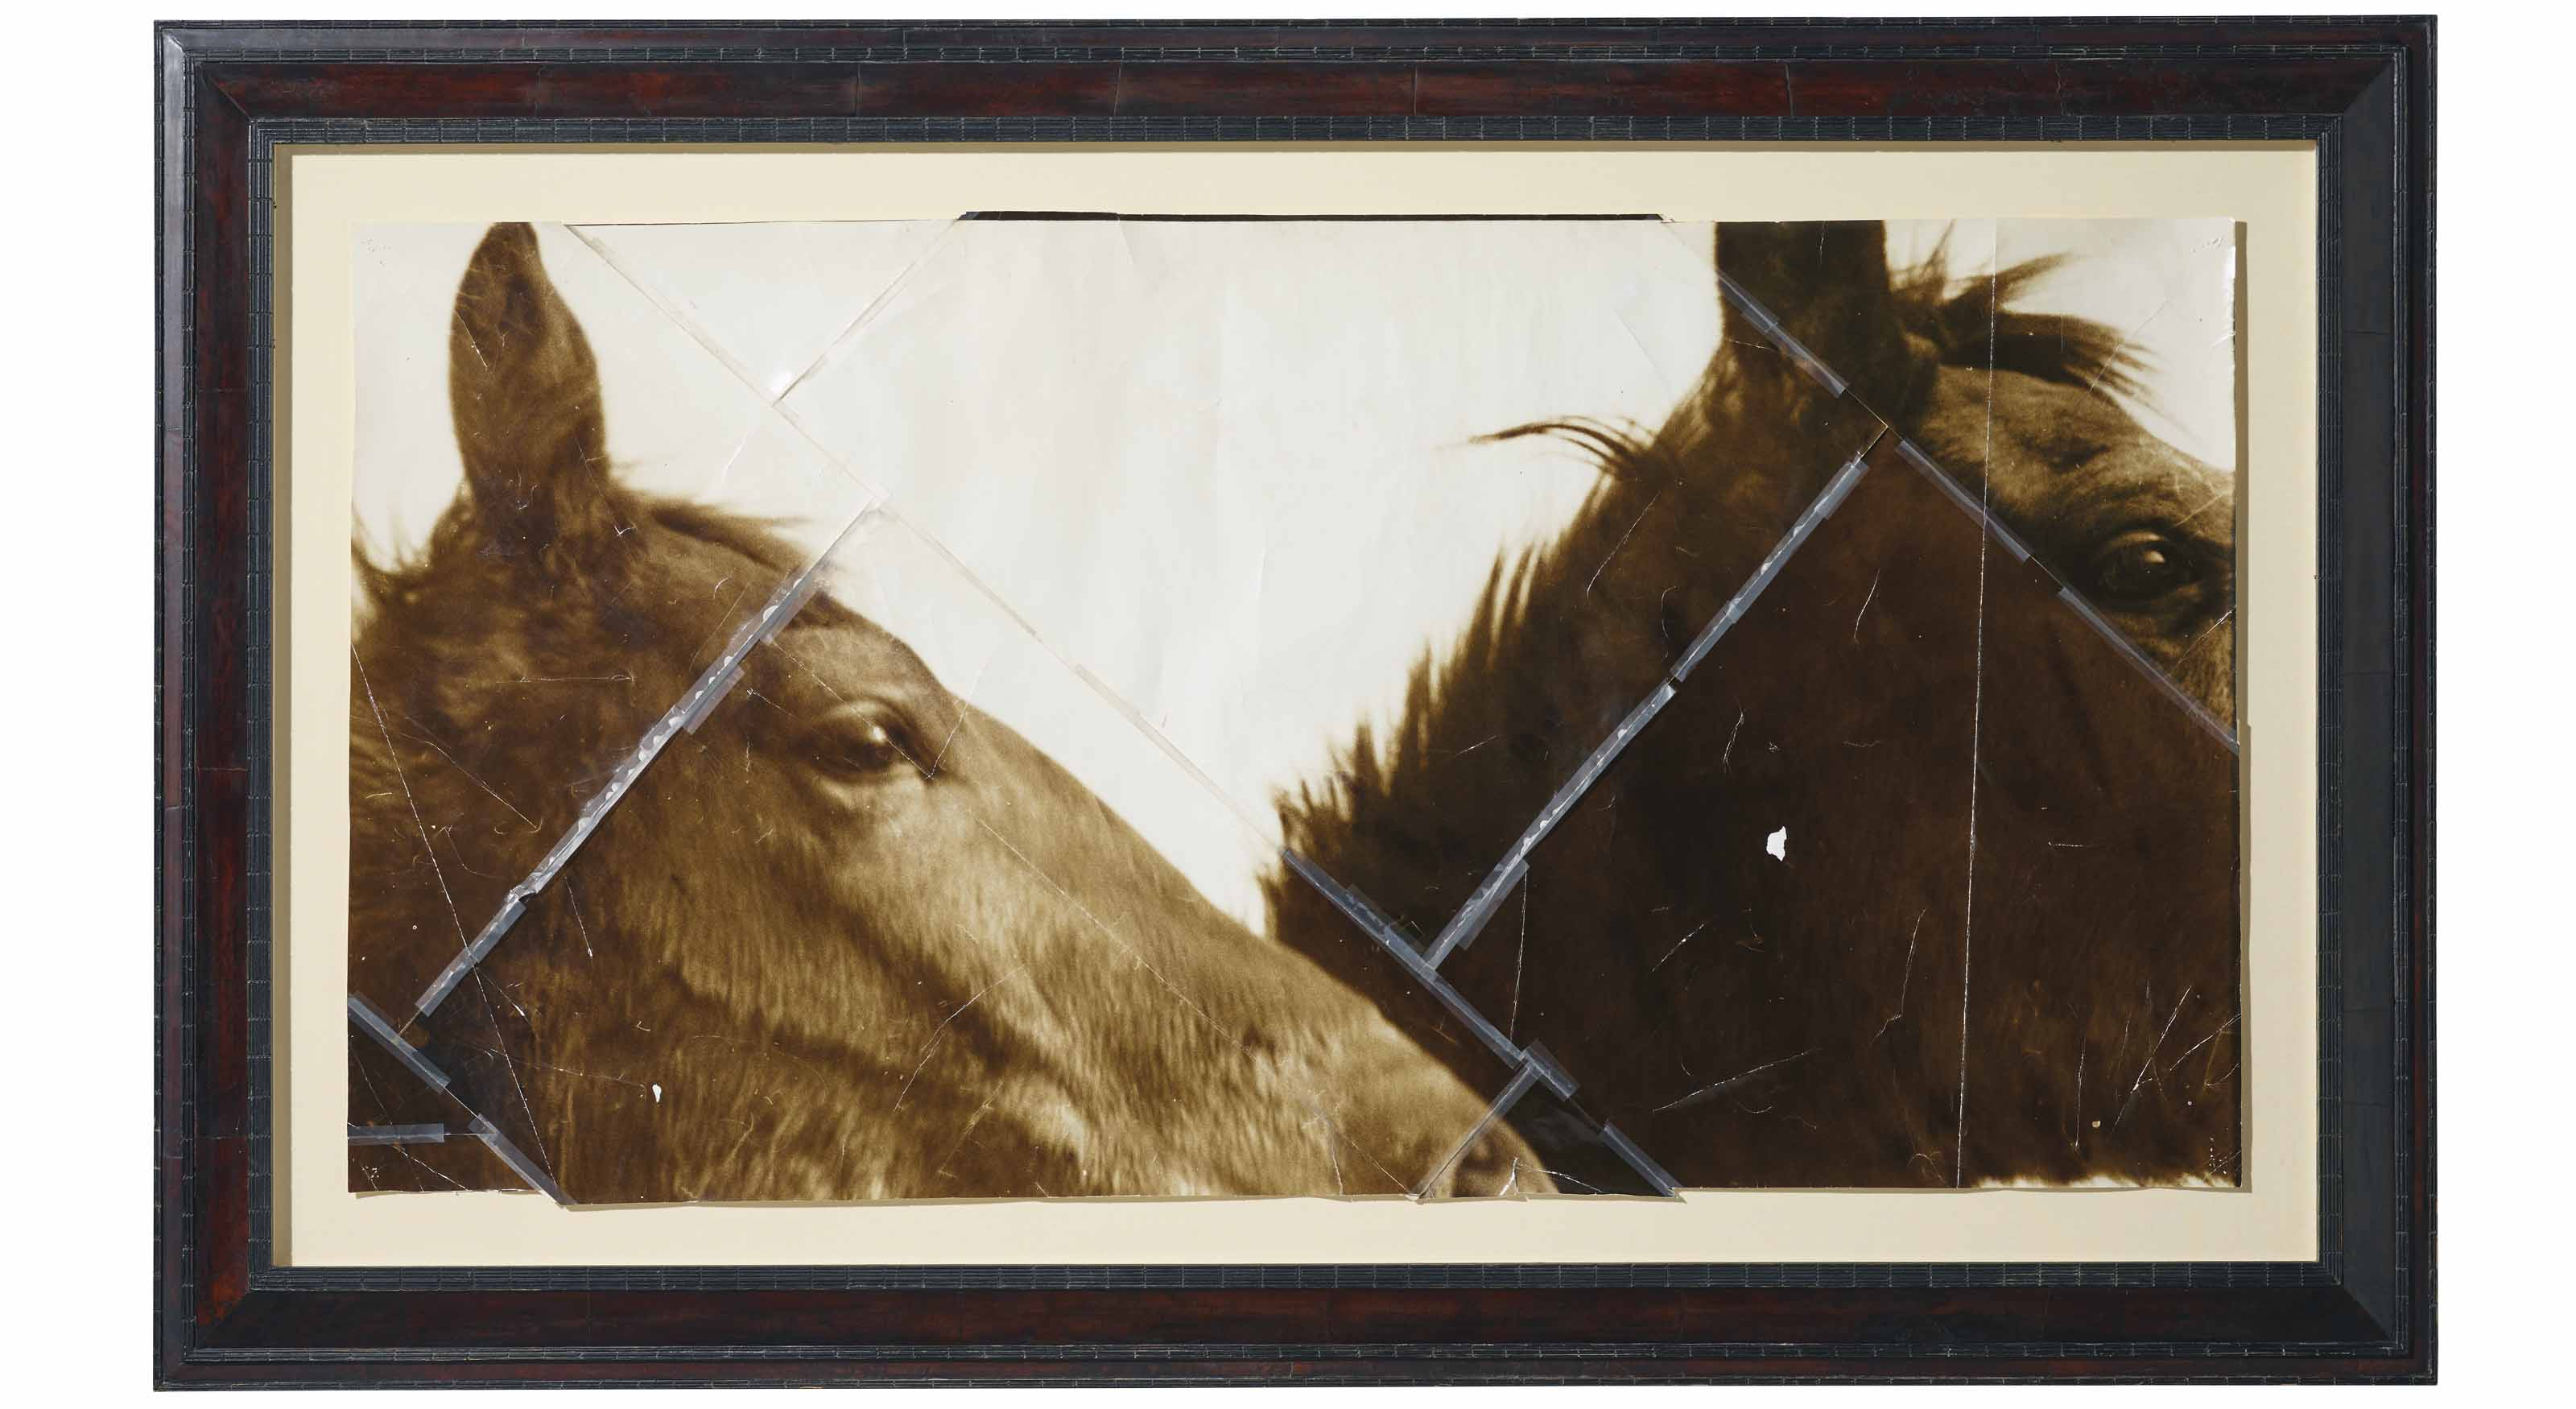 Large Horses #4, 1985 - 1988